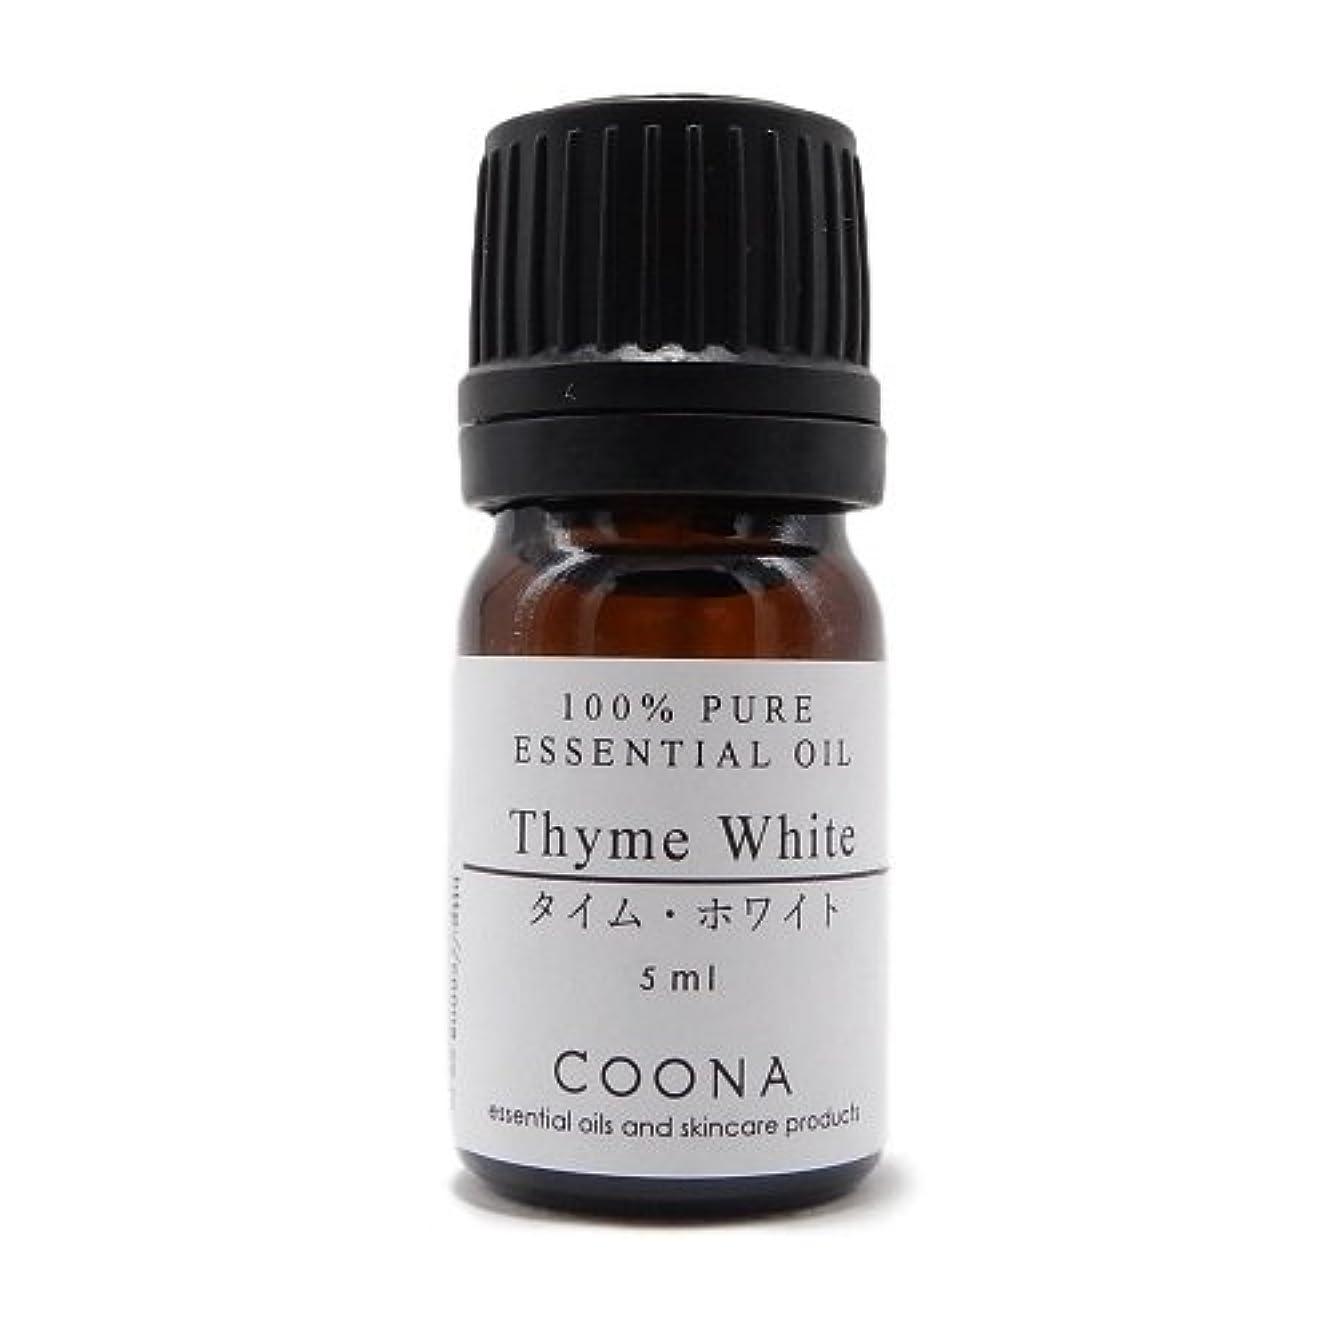 恵み強風リラックスしたタイム ホワイト 5 ml (COONA エッセンシャルオイル アロマオイル 100%天然植物精油)